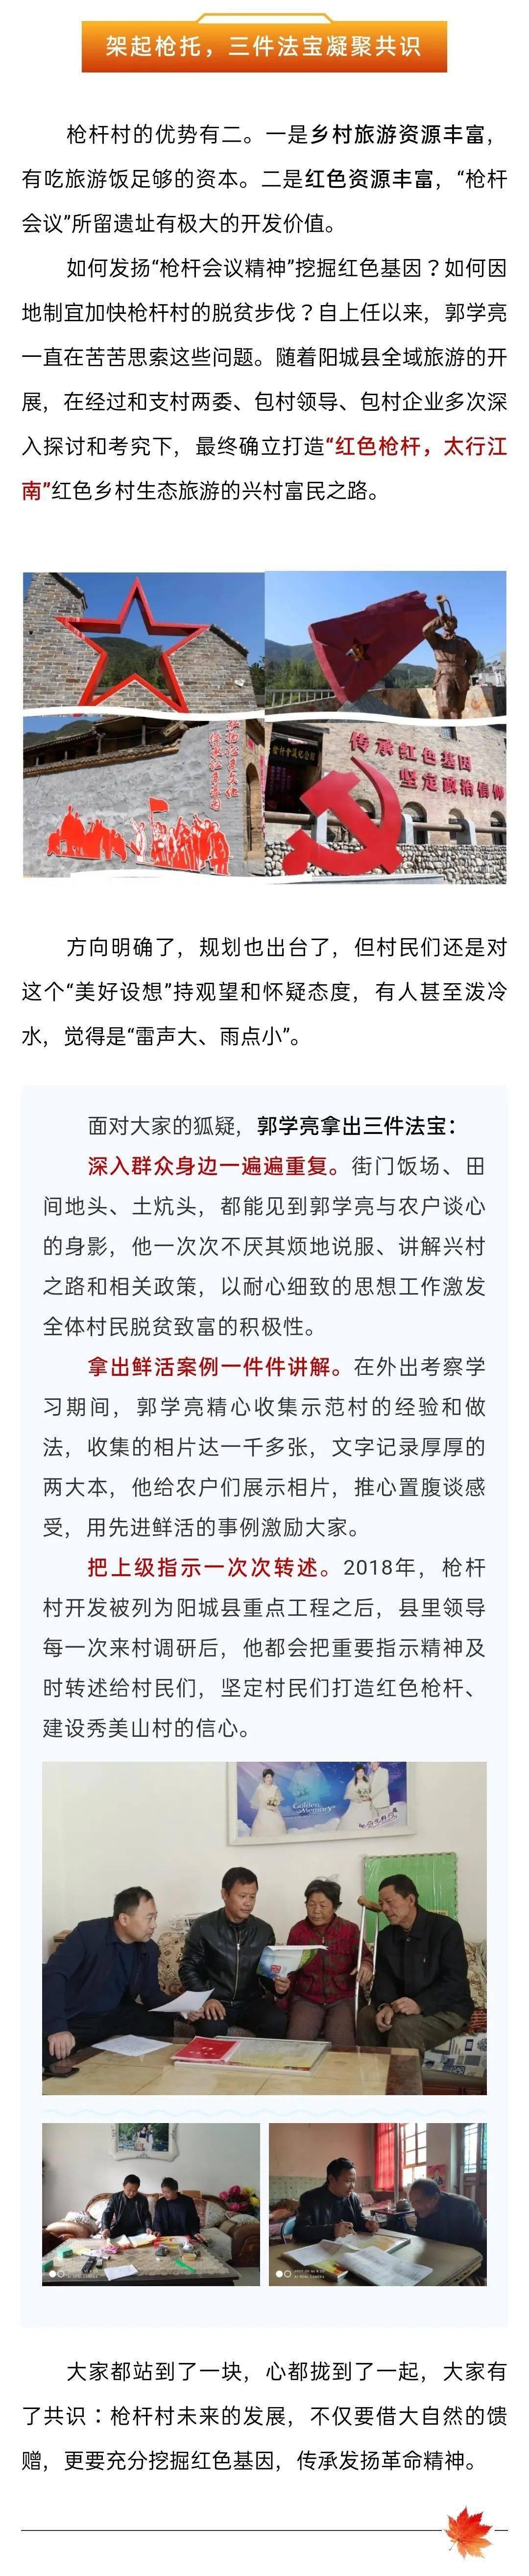 """【讲扶贫故事】郭学亮:端起""""枪杆""""向贫困开战  第2张"""